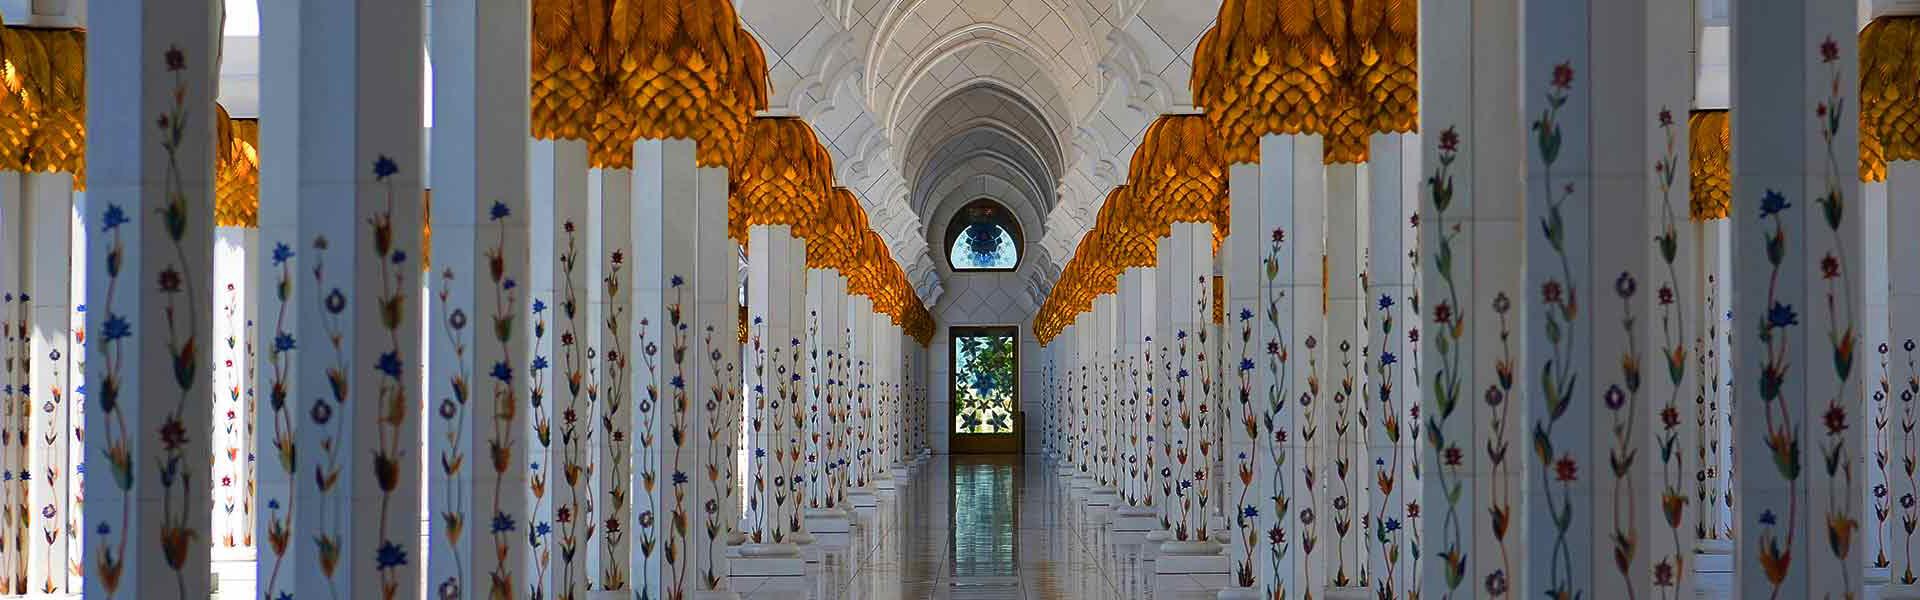 Hallway at Sheikh Zayed Mosque, Abu Dhabi